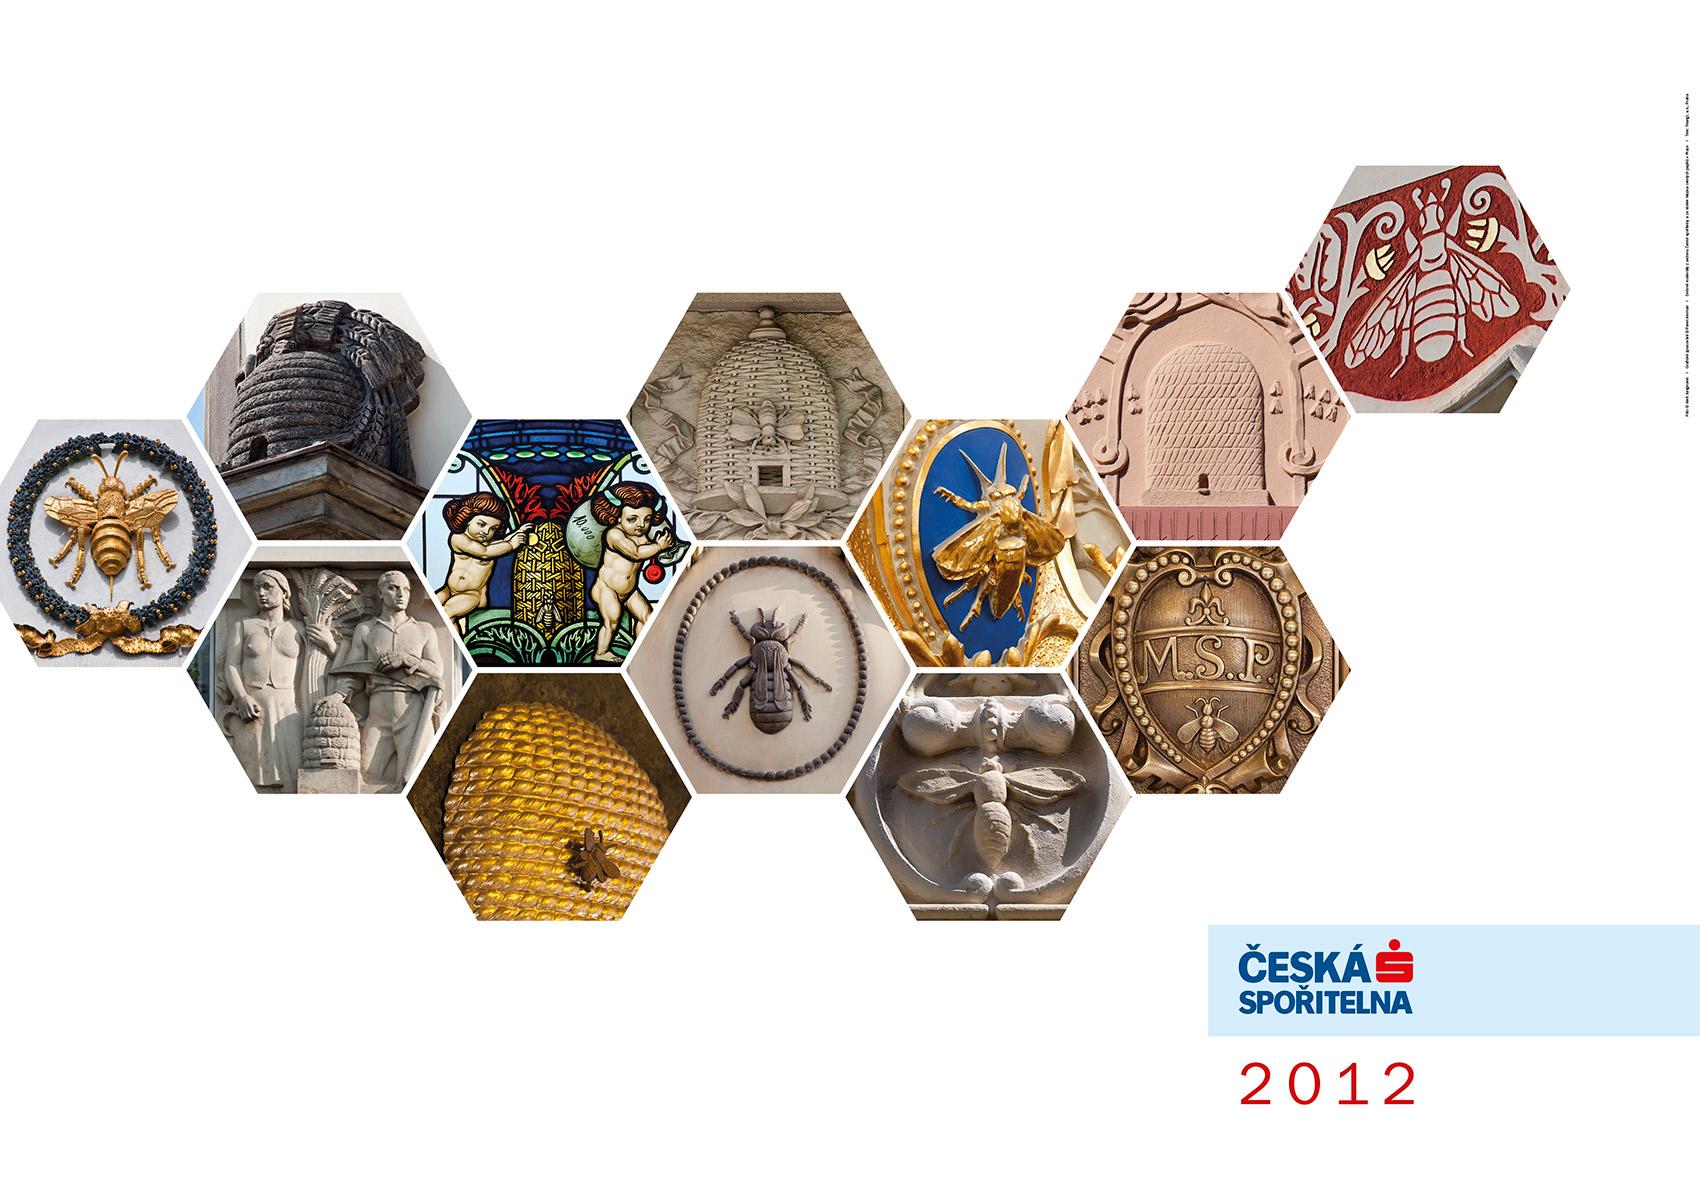 Česká spořitelna 2012